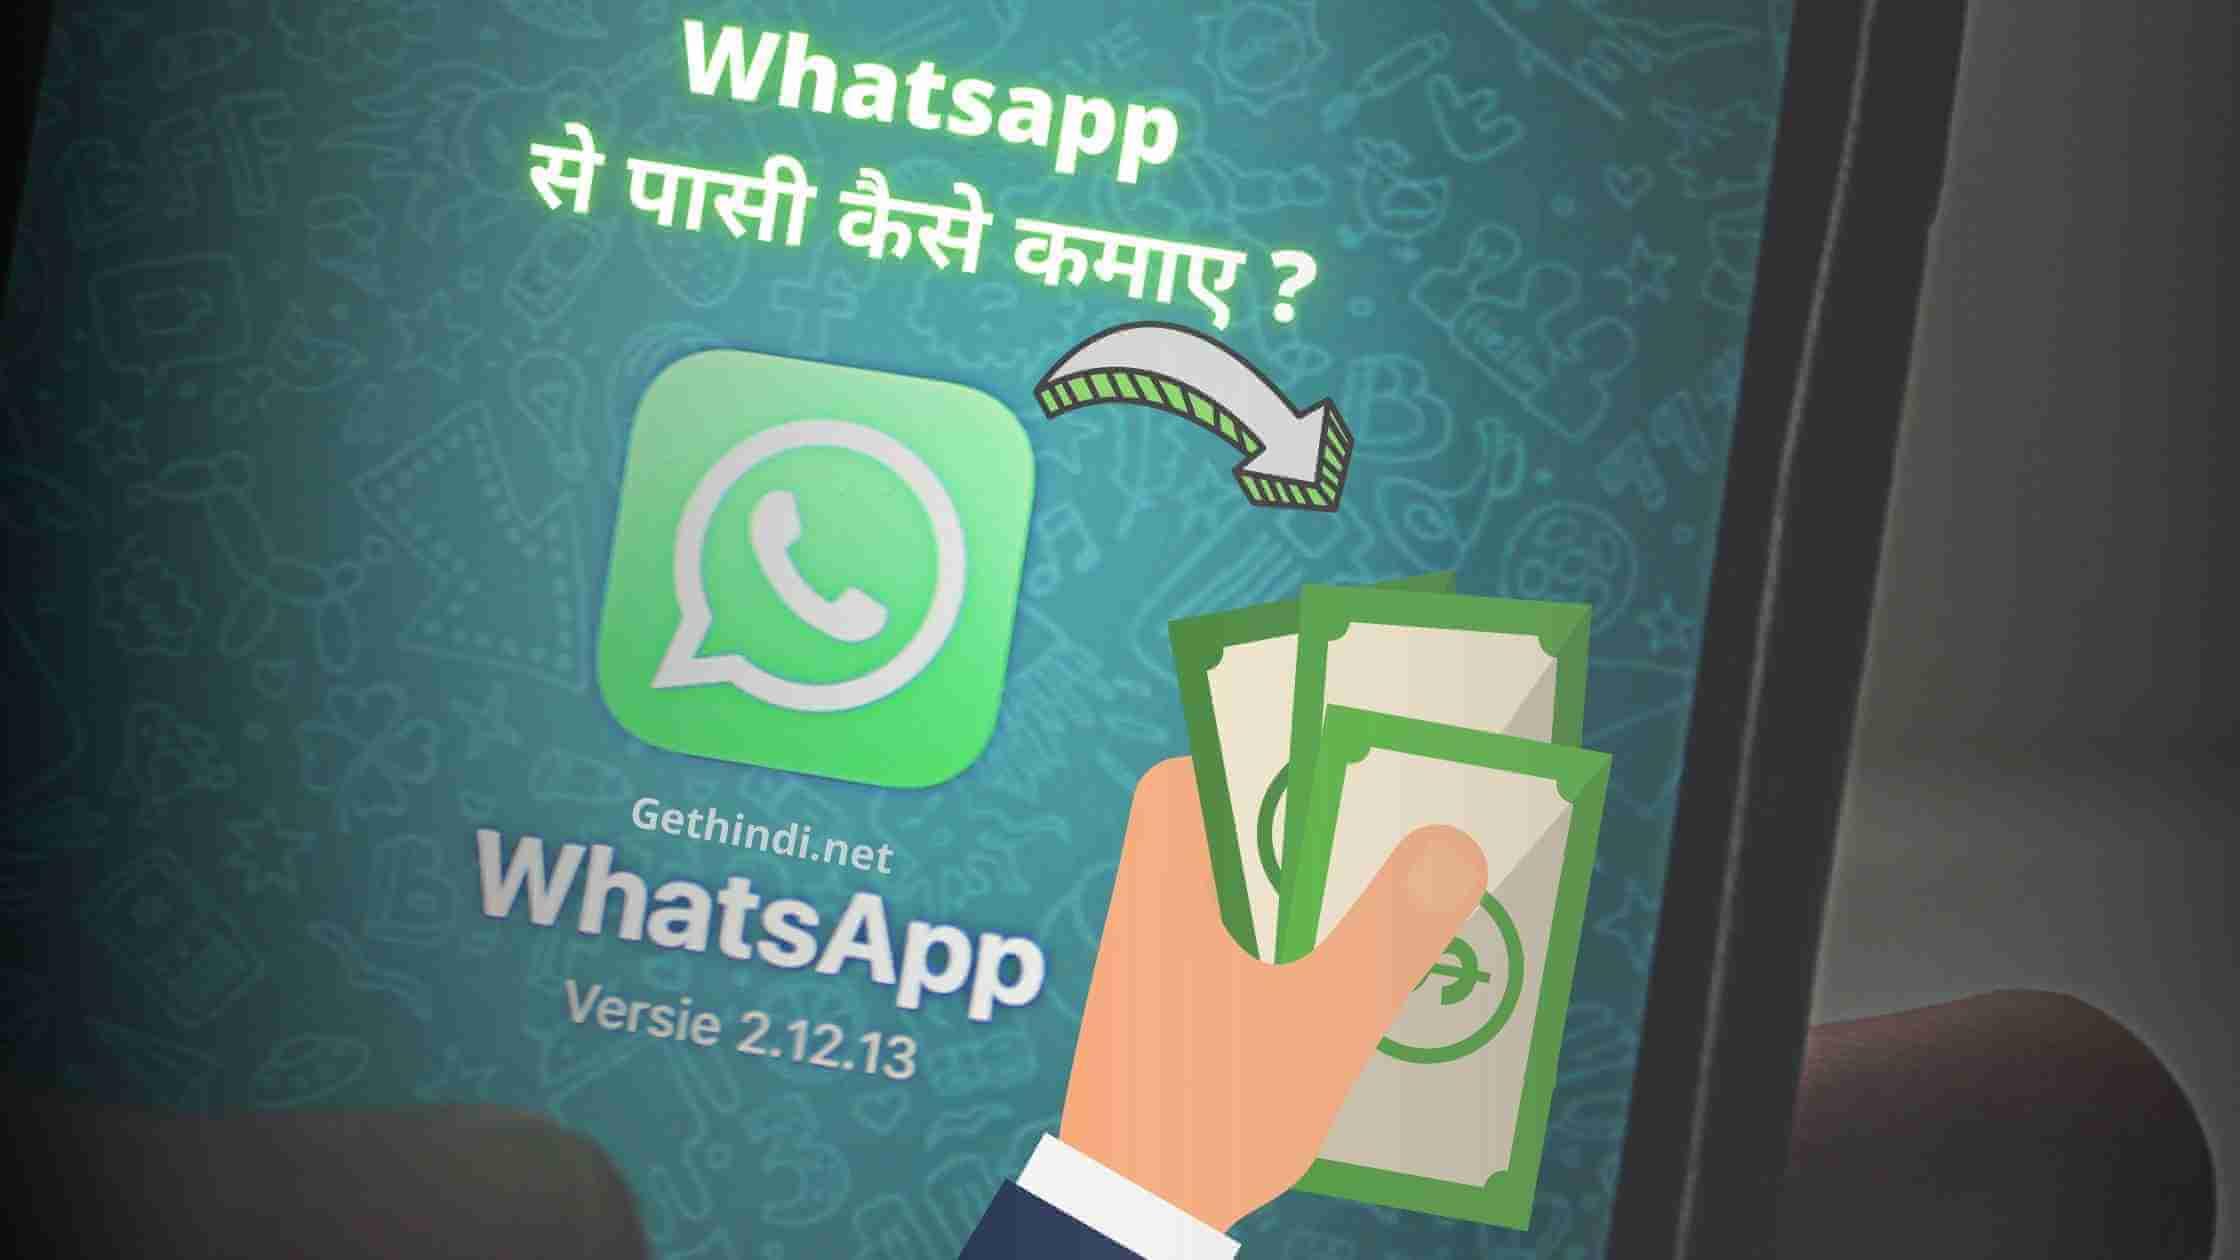 Whatsapp se paise kaise kamaye – पूरी जानकारी हिंदी में 2021